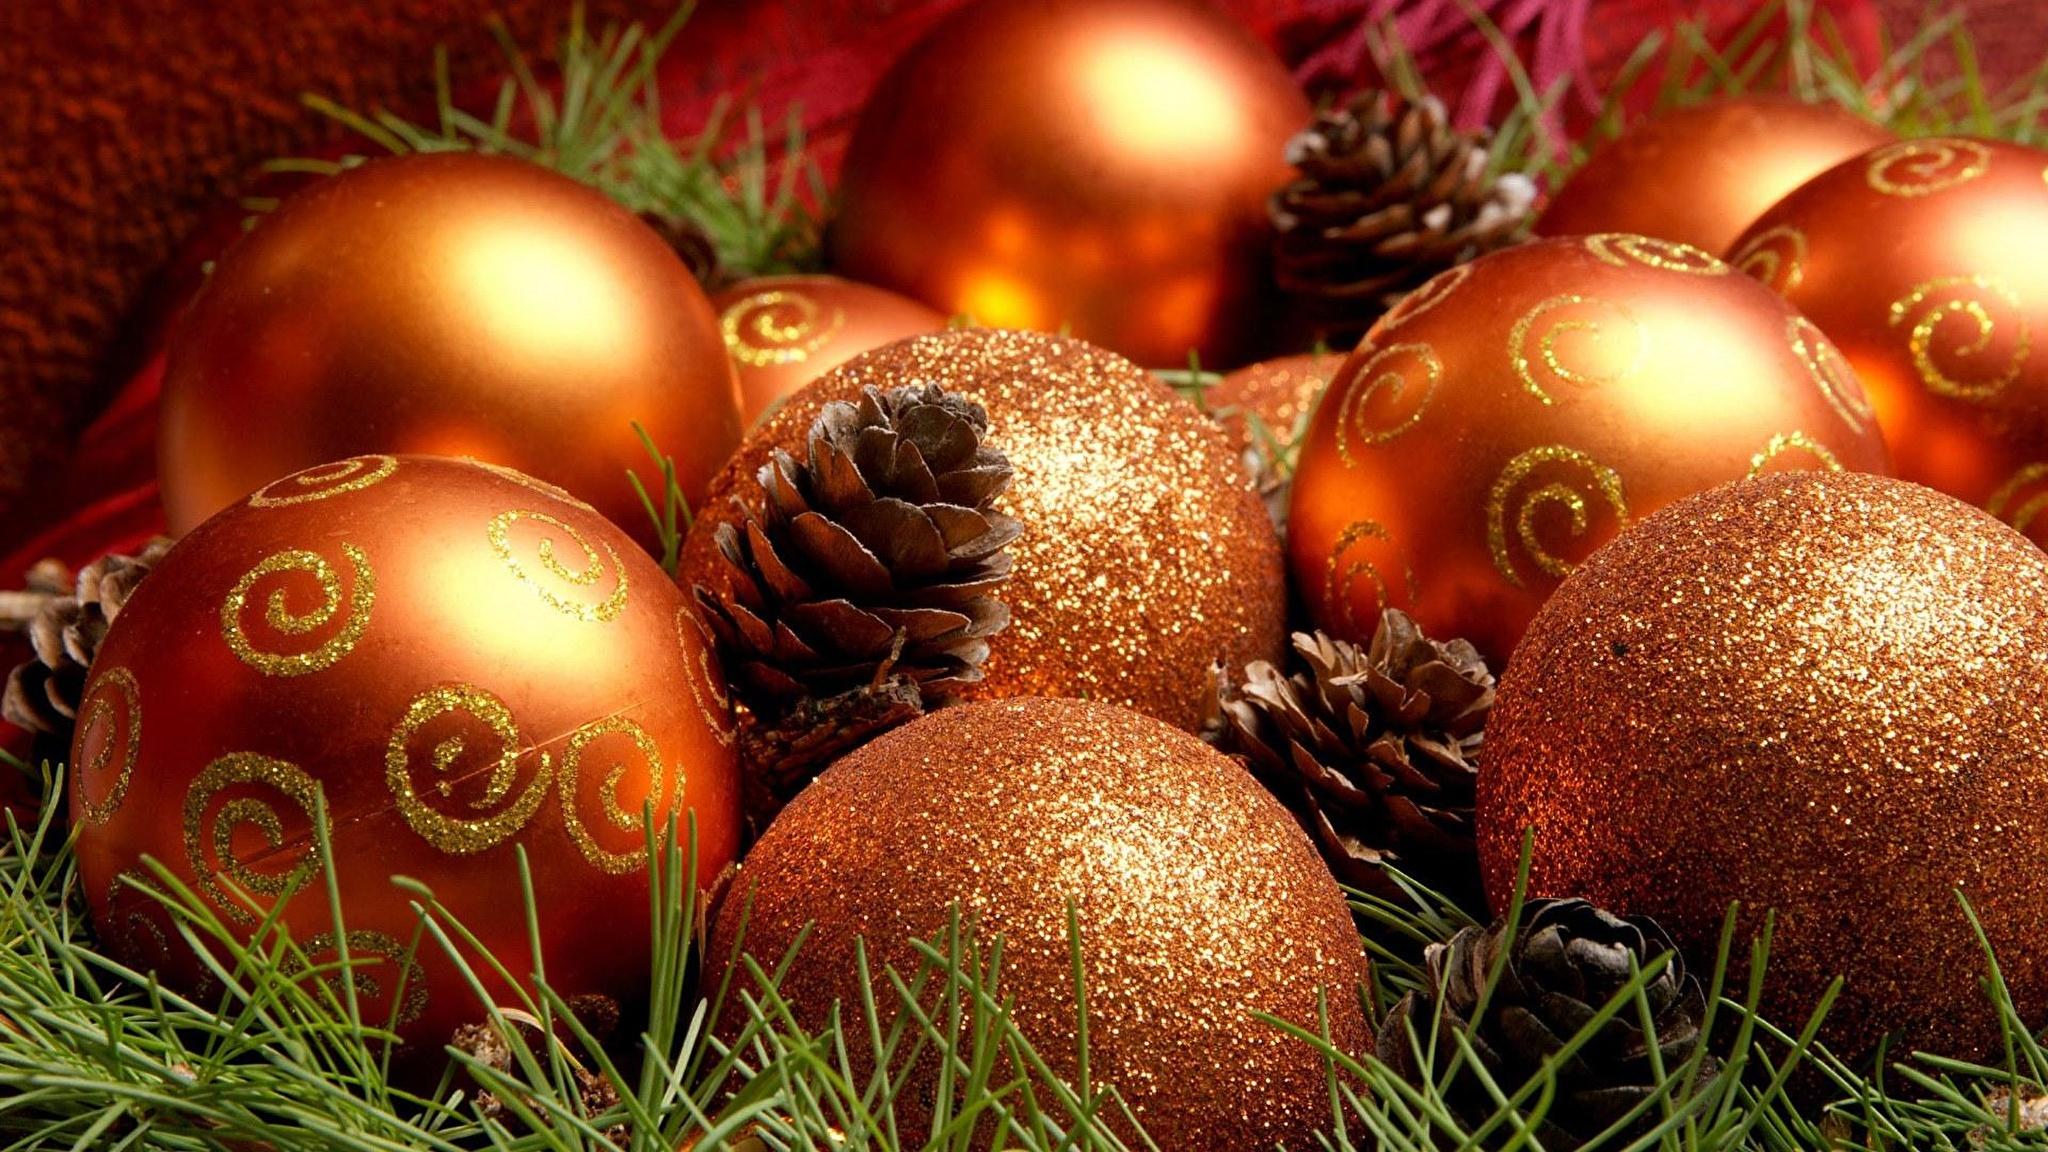 Скачать Бесплатно Новогодние Обои На Рабочий